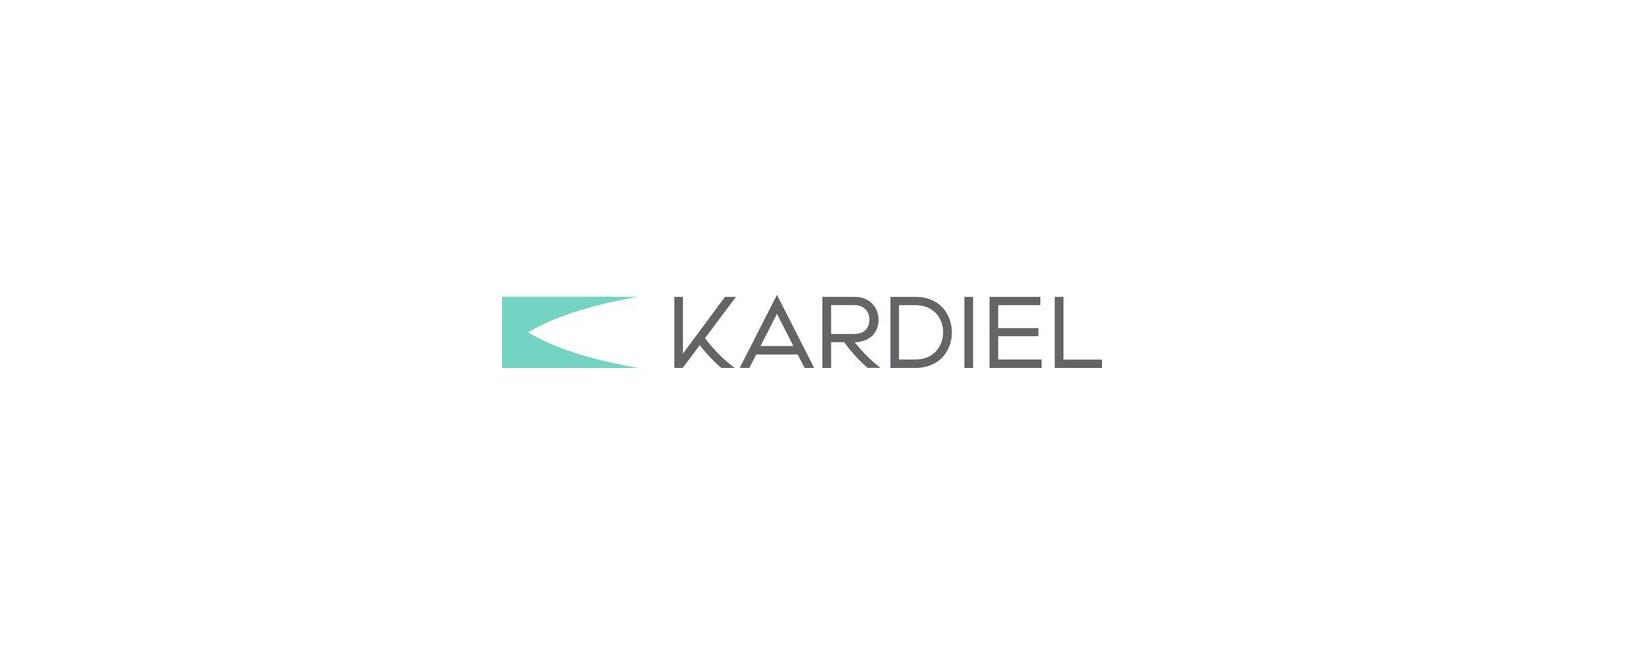 kardiel Discount Code 2021